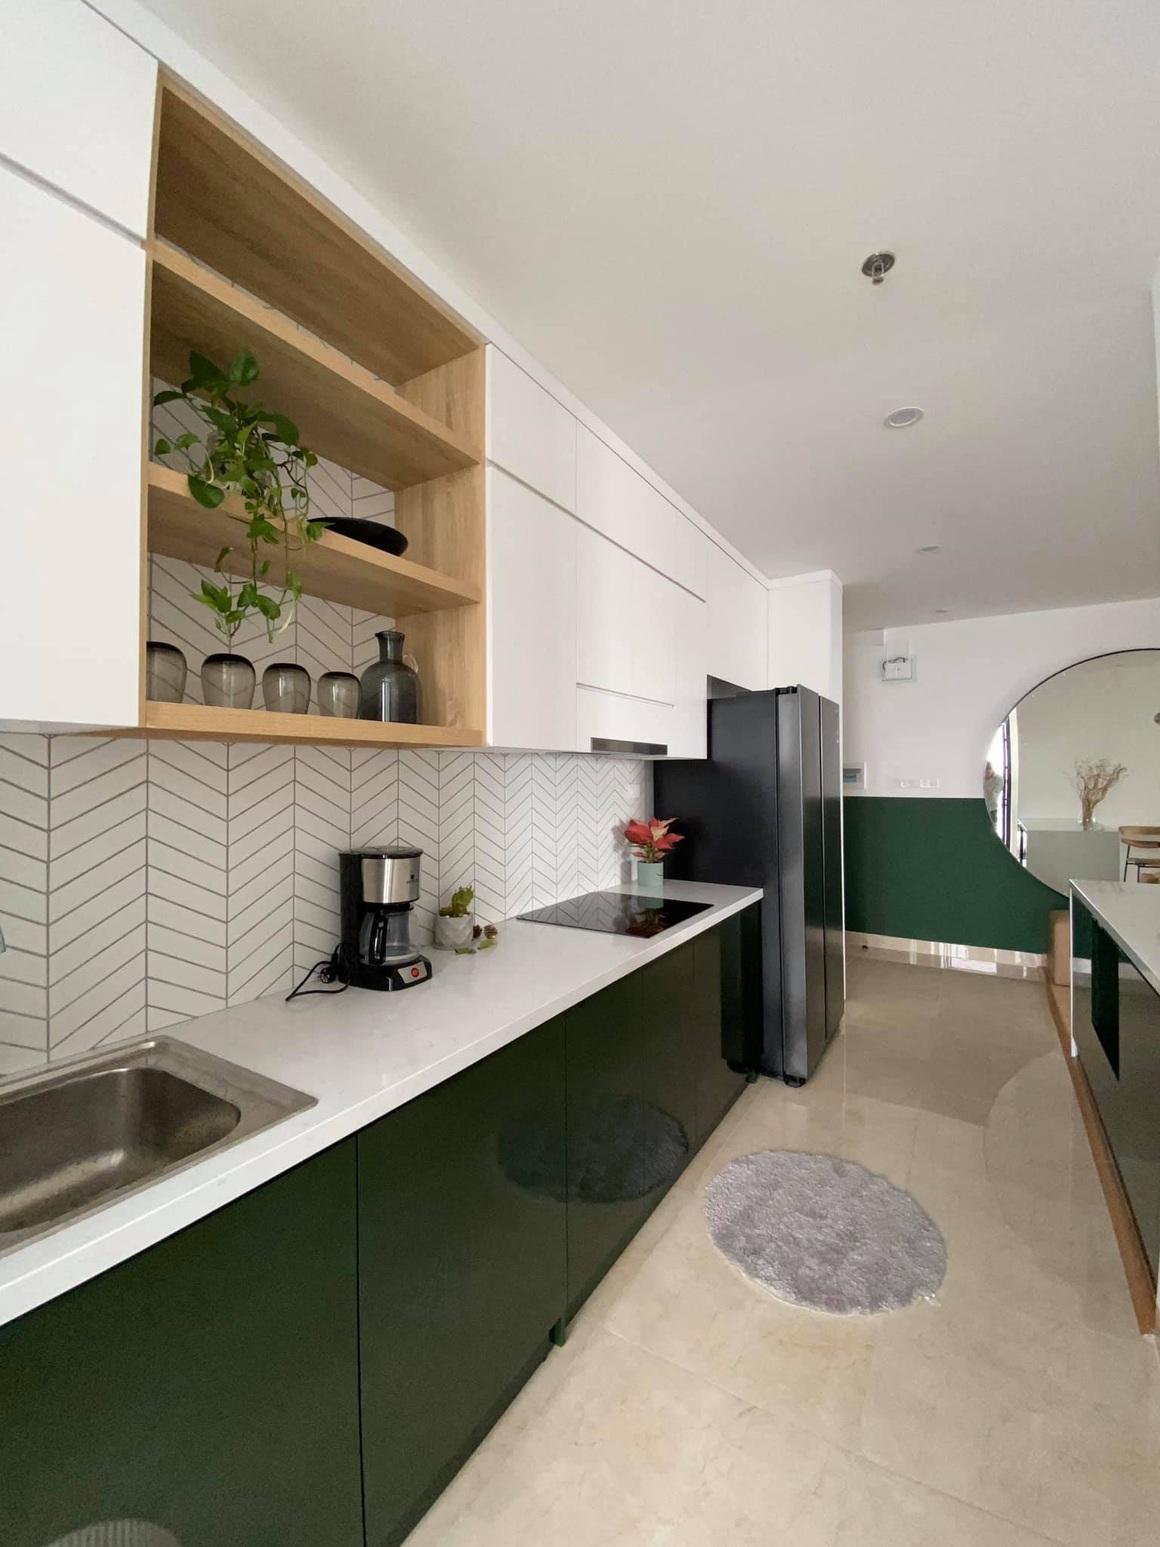 Ngắm căn hộ của gia chủ khó tính: Nội thất đẹp, lạ với tông màu xanh đậm - 6